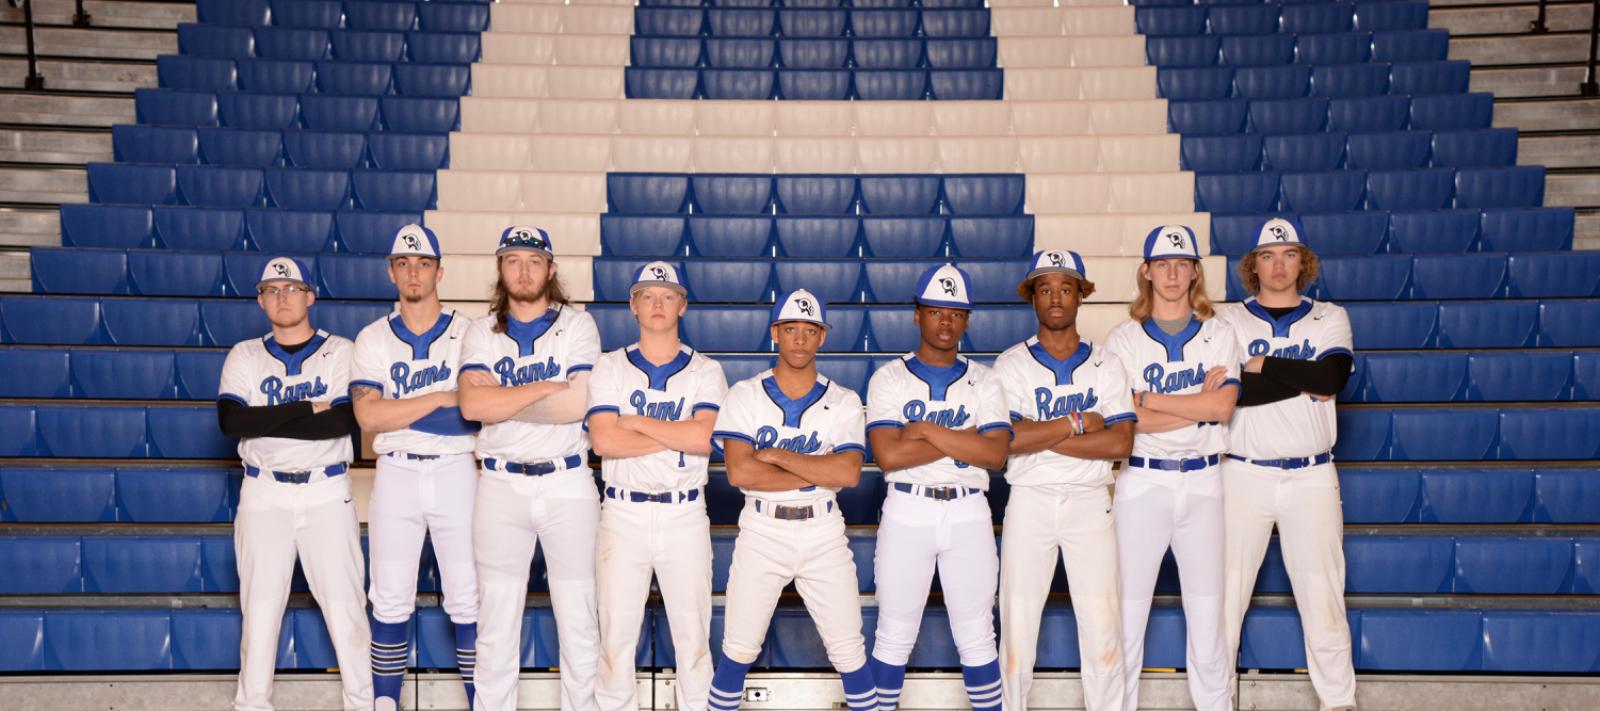 Varsity Baseball Seniors 2020 Team Photo